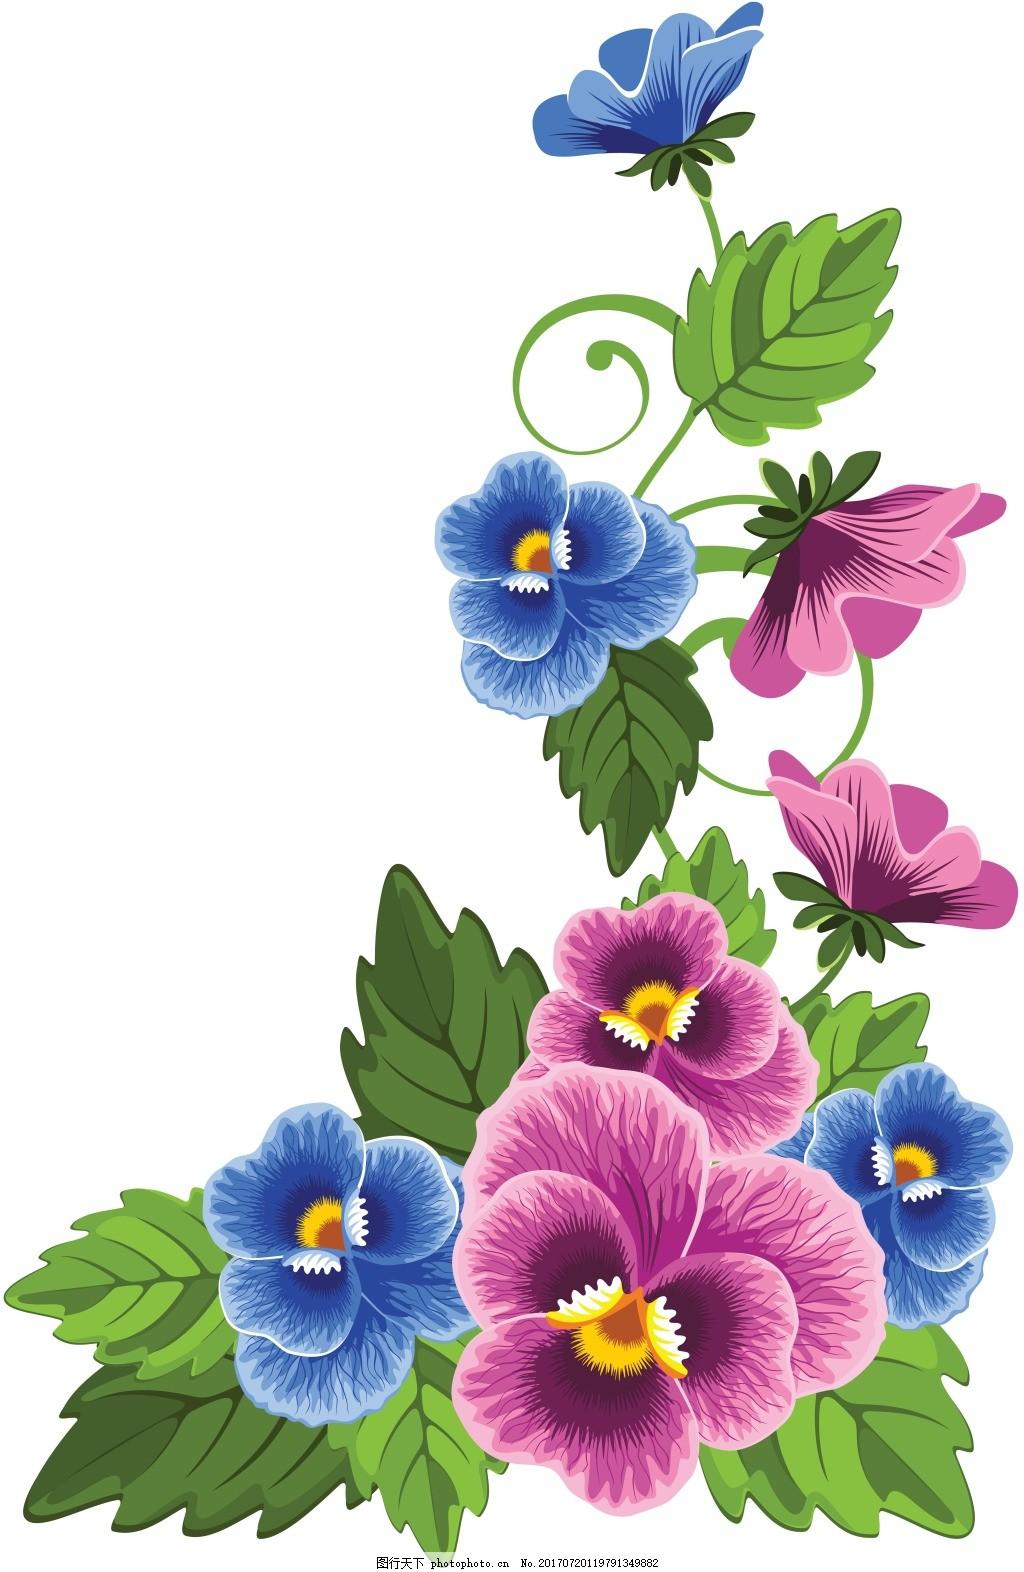 手绘绿叶蝴蝶兰元素 清新 花枝 蓝色紫色 免抠